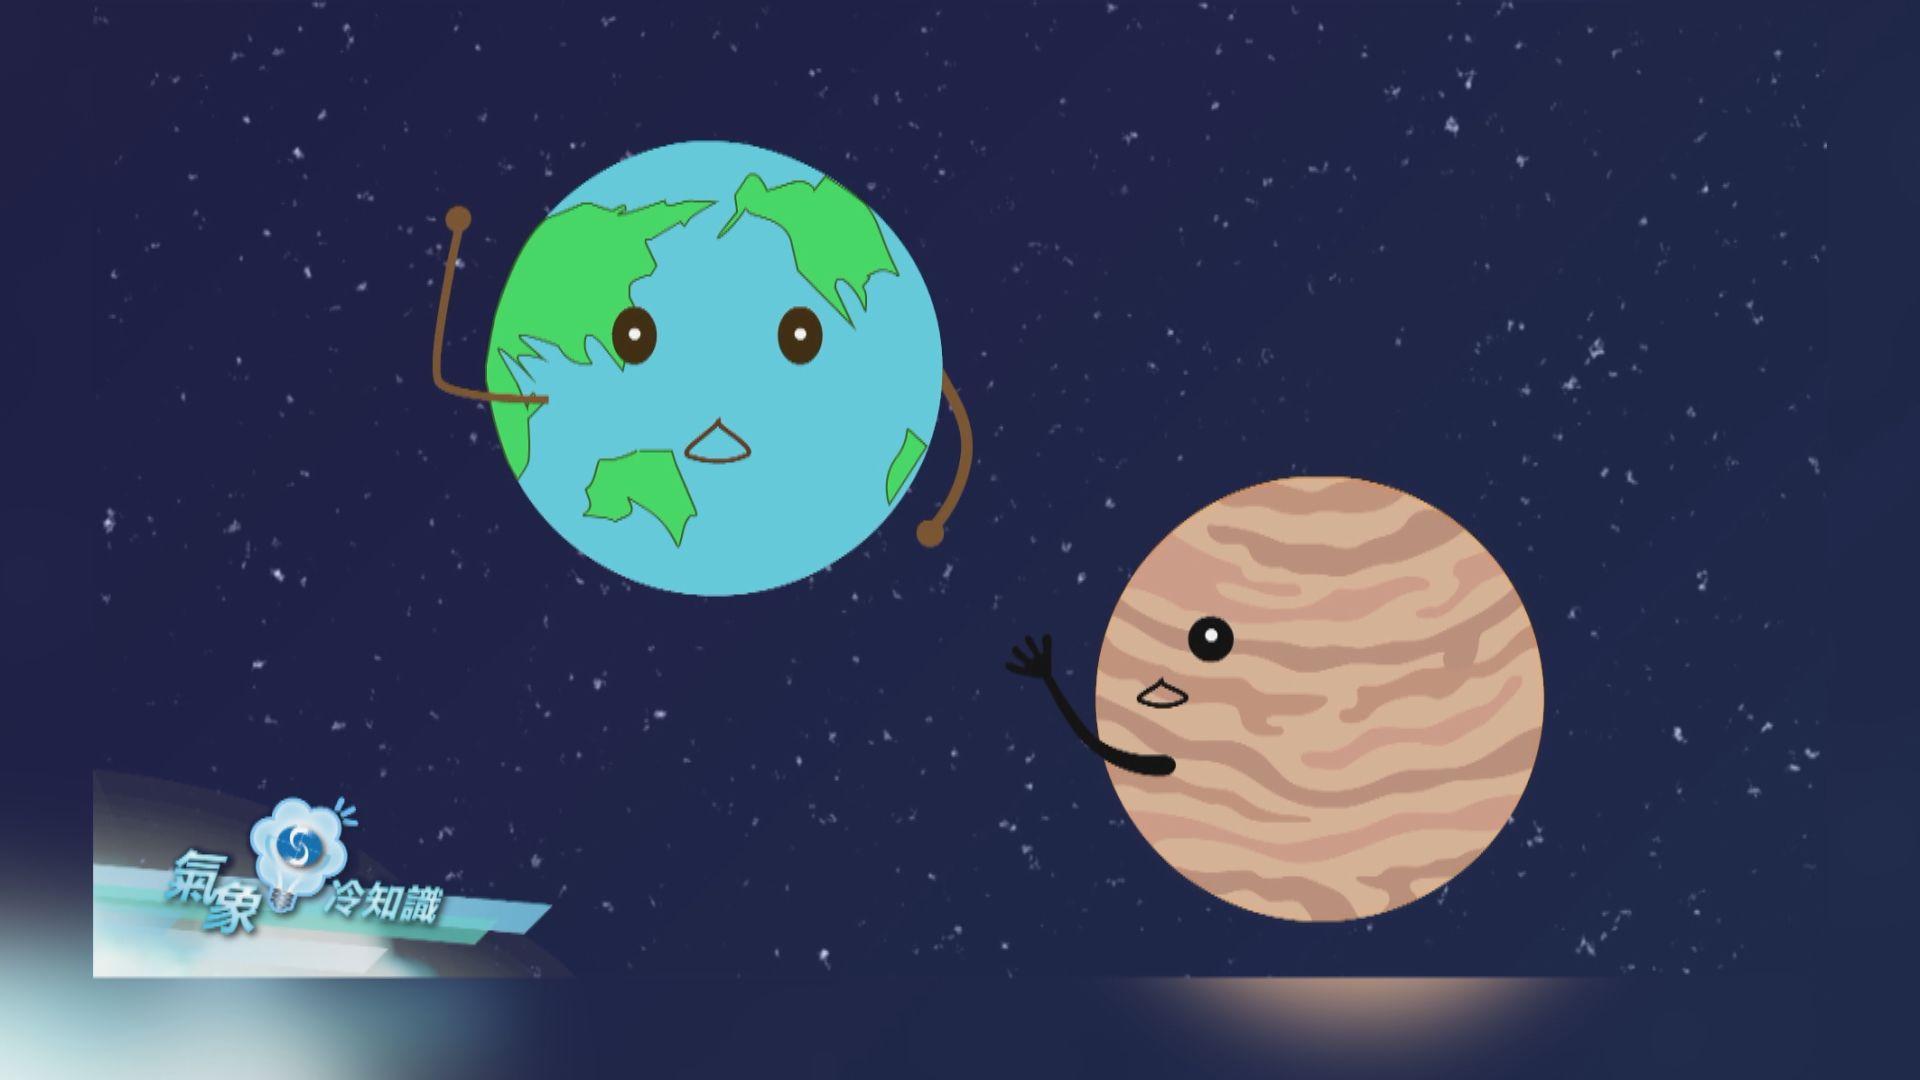 【氣象冷知識】地球的姊妹星